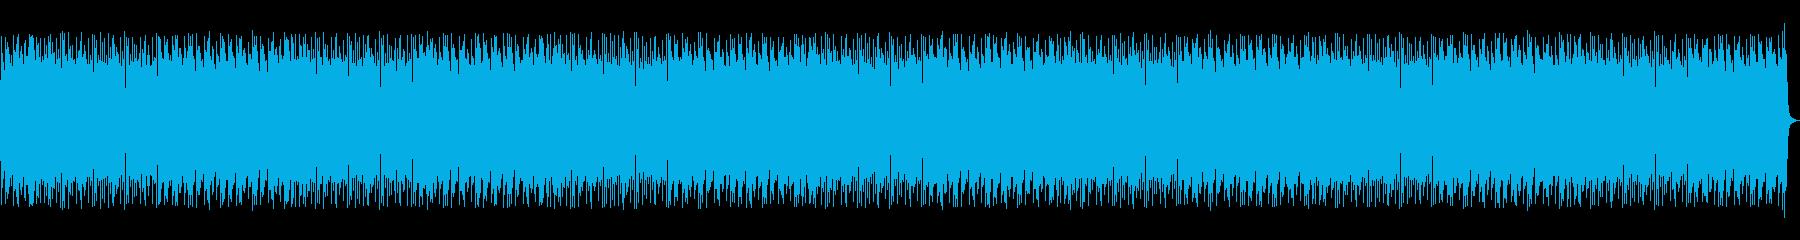 おしゃれなピアノのボサノバ、チルアウトの再生済みの波形